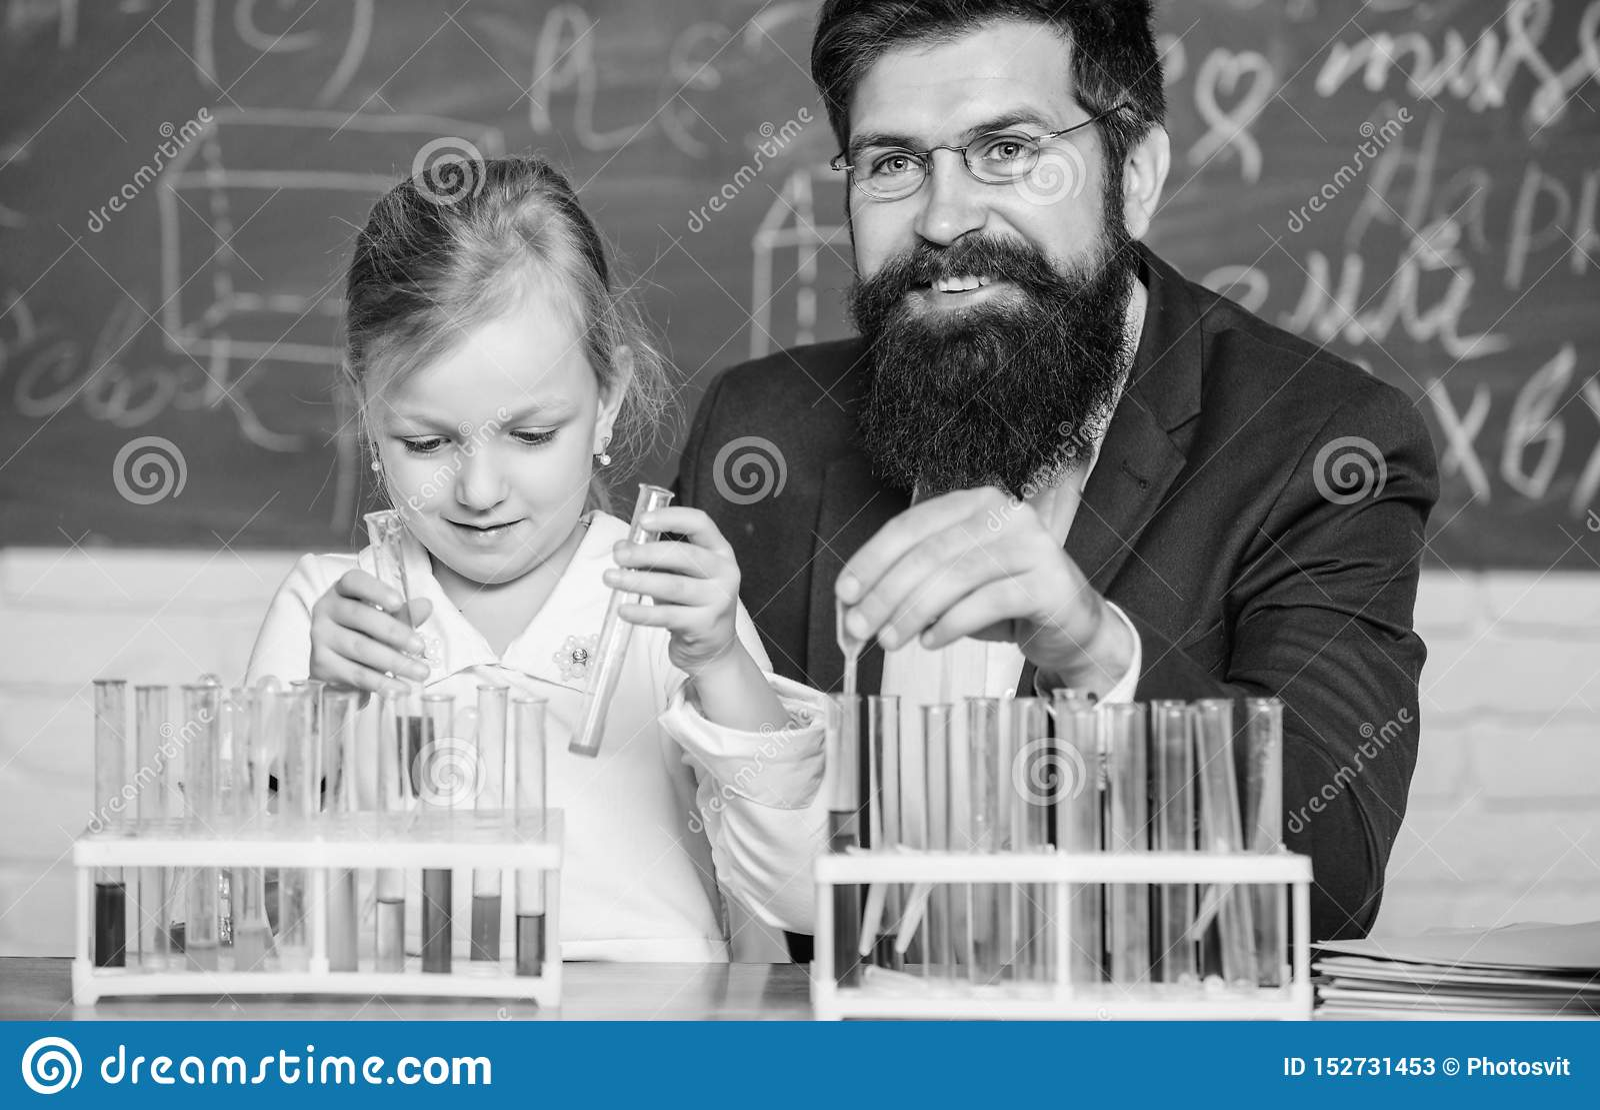 Объяснять химию для того чтобы оягниться Как интересовать детей изучить Завораживающий урок химии Учитель и зрачок человека бород